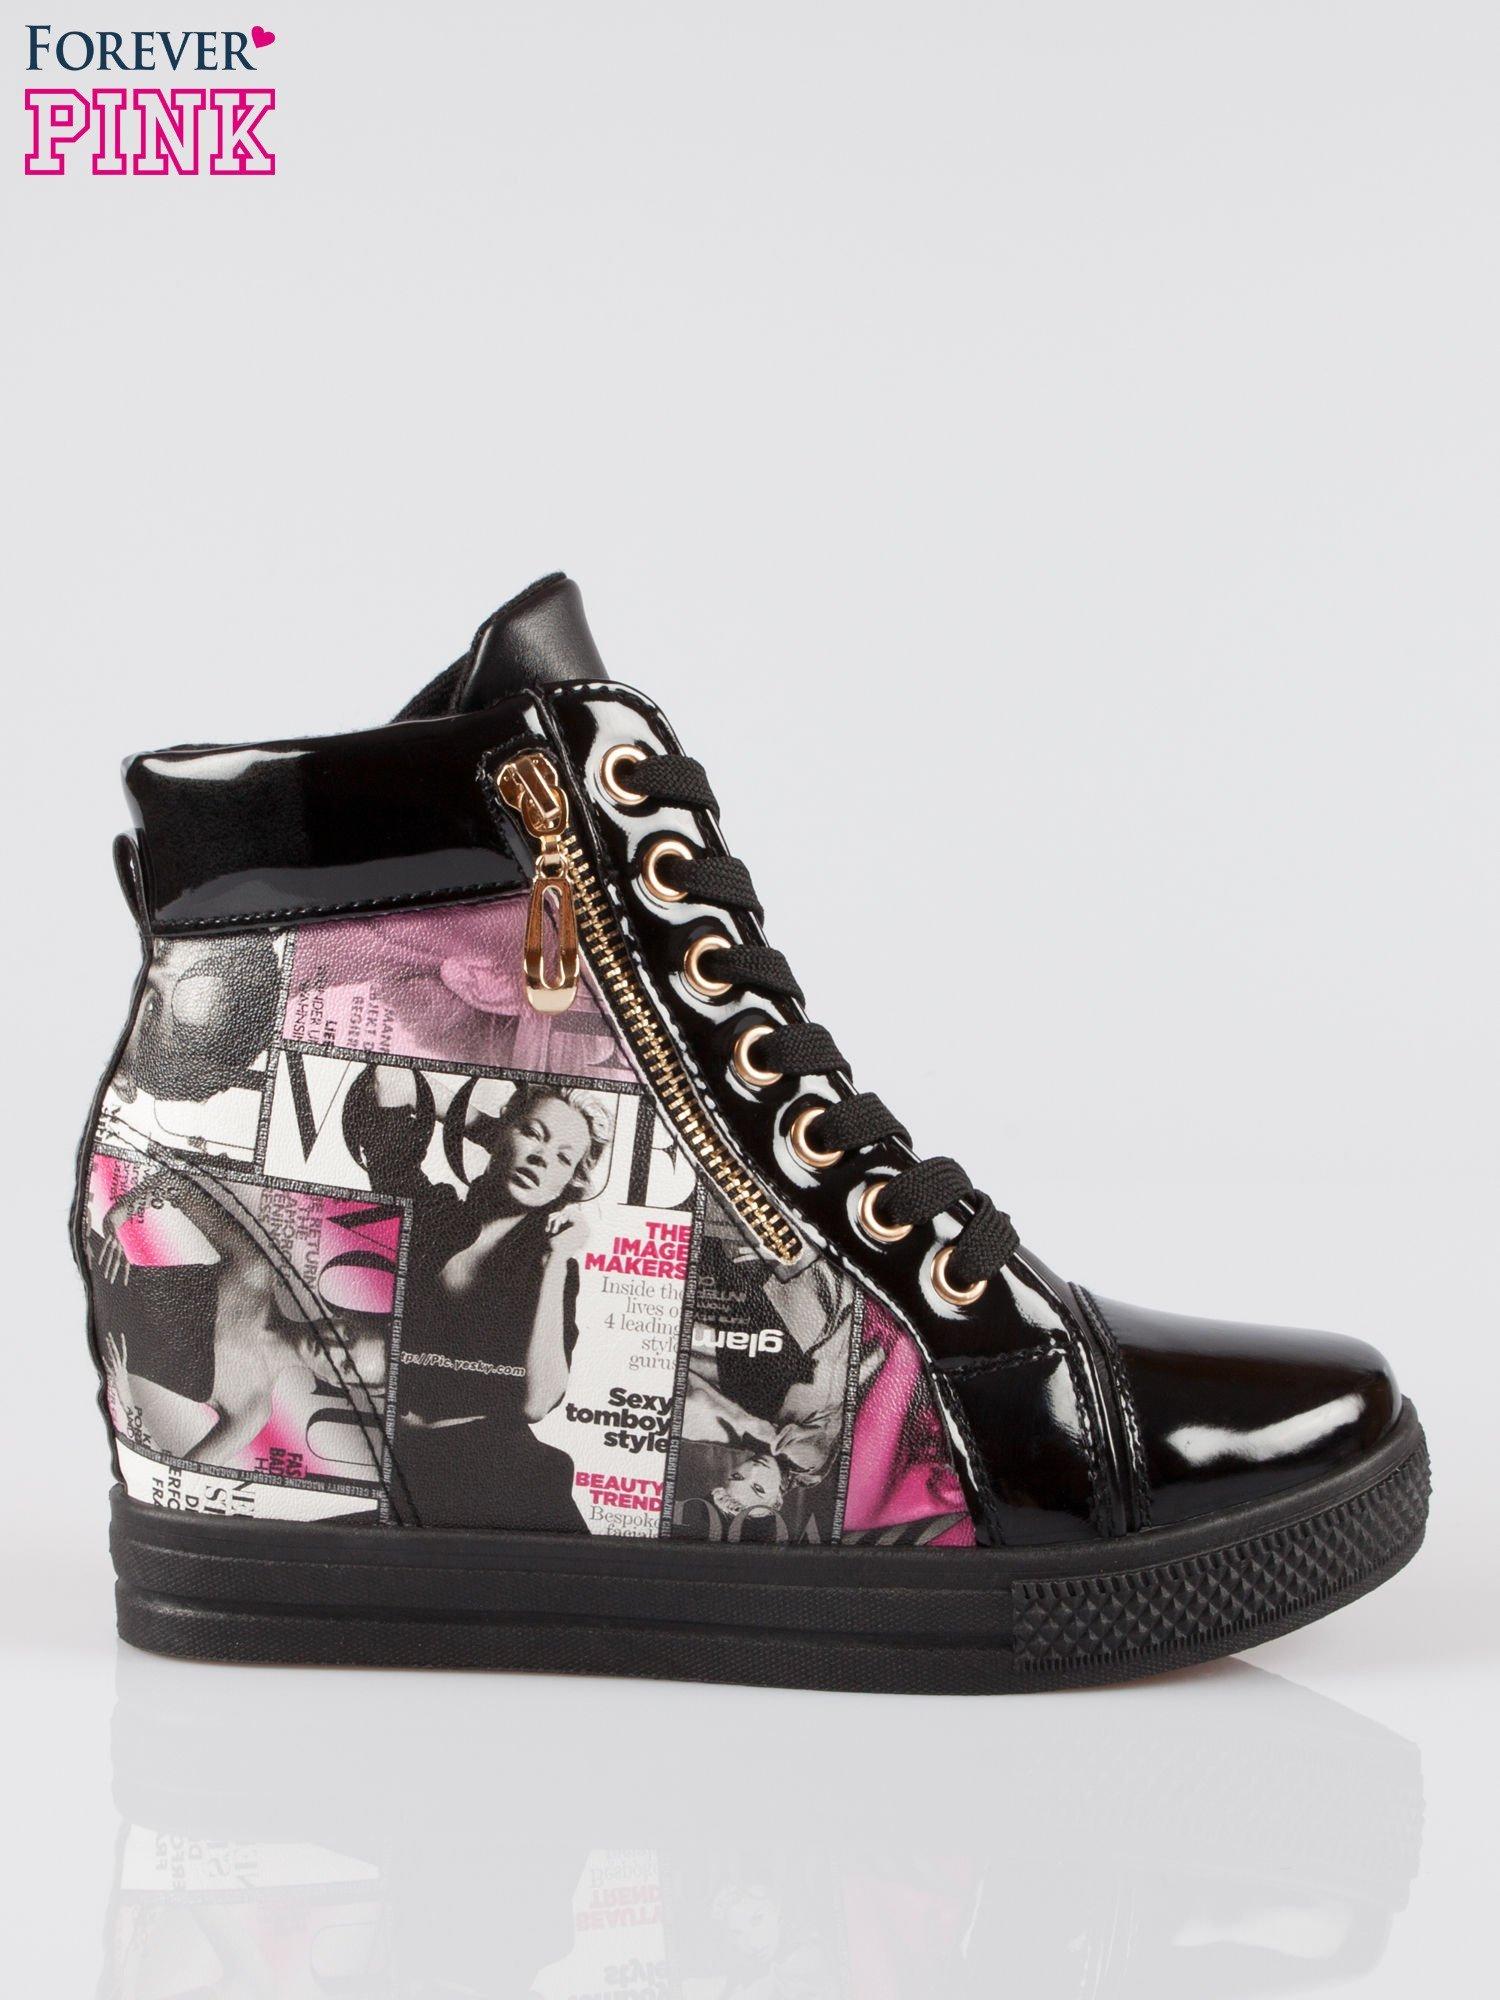 Czarne sneakersy damskie z nadrukiem magazine print Everywhere                                  zdj.                                  1